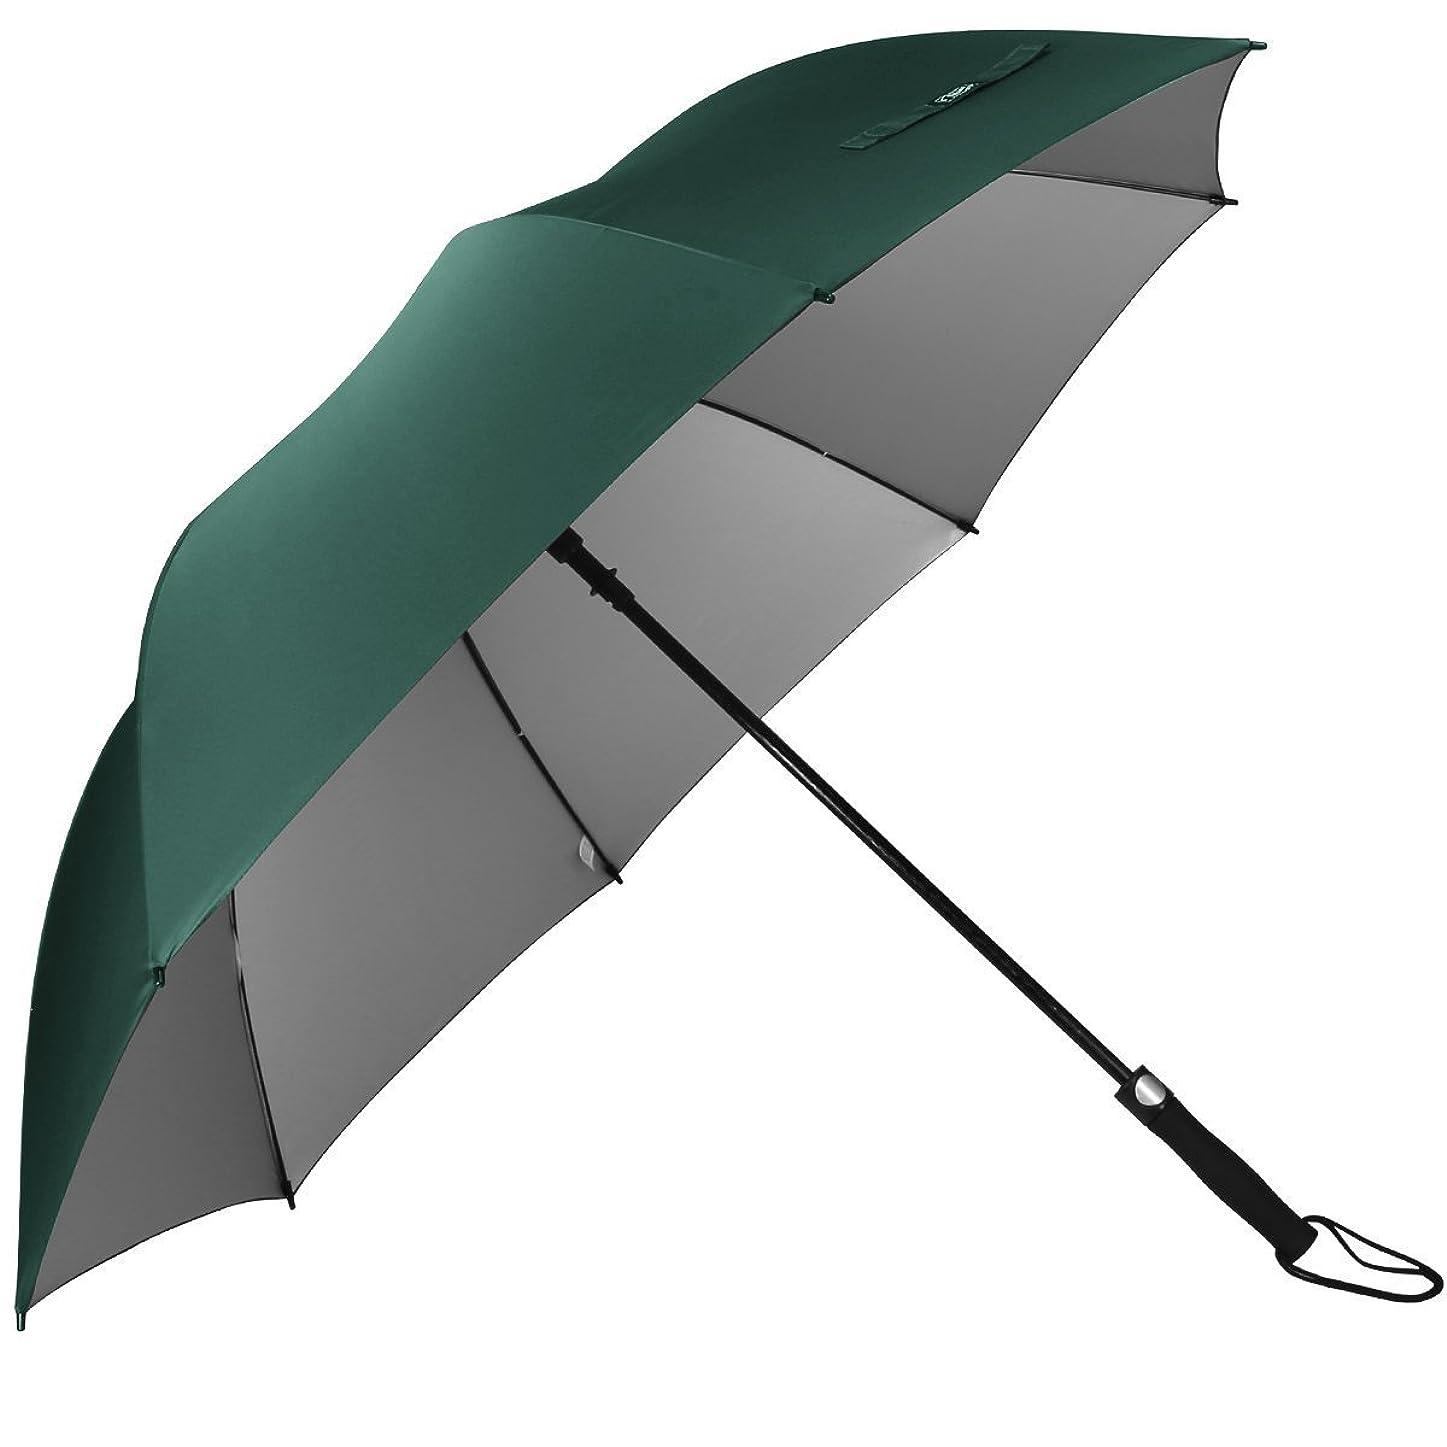 迷信経歴安西G4Free 傘 長傘 メンズ ワンタッチ 高強度グラスファイバー8本骨 直径130cm Teflon加工 シルバーコーティング 防風 丈夫 おしゃれ 軽量 大型 撥水加工 梅雨対策 収納ポーチ付き